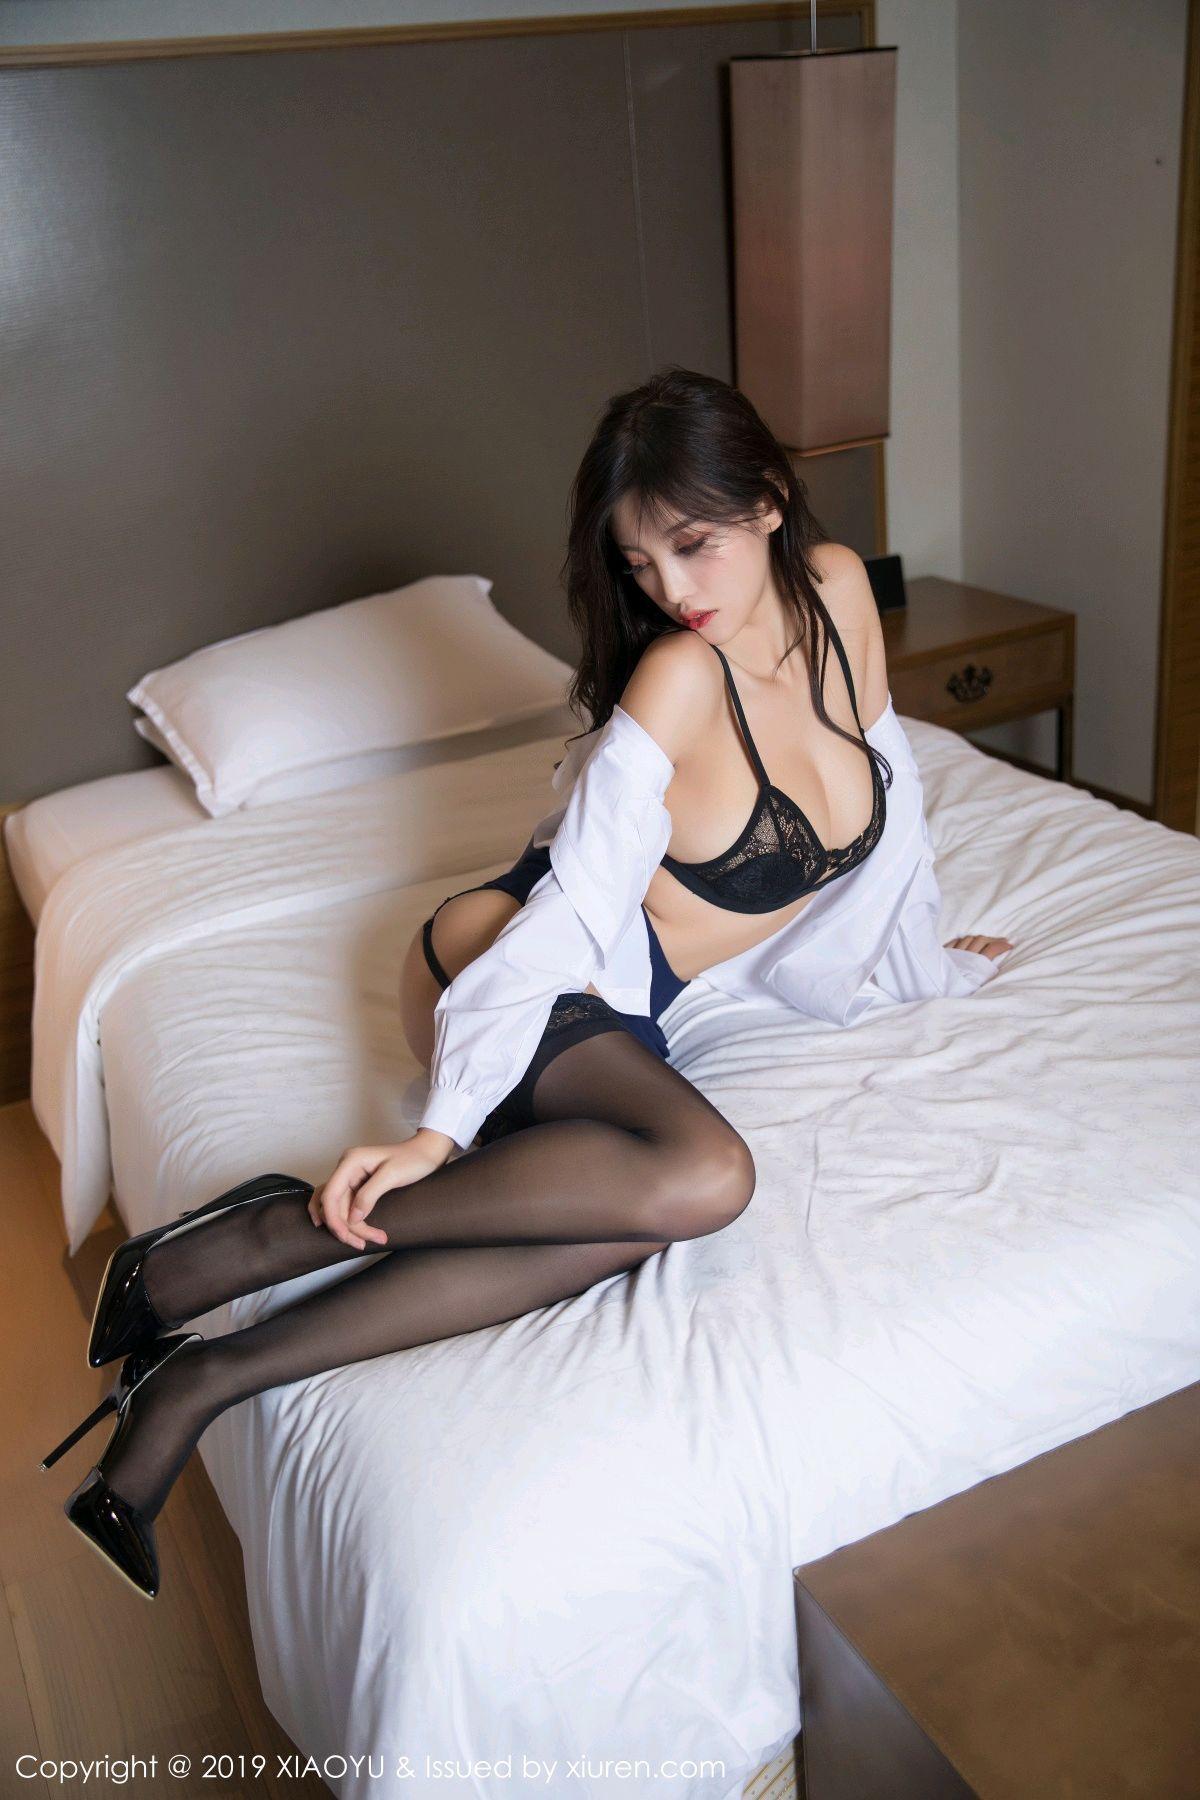 [XiaoYu] Vol.005 Yang Chen Chen 44P, Black Silk, Tall, Uniform, XiaoYu, Yang Chen Chen